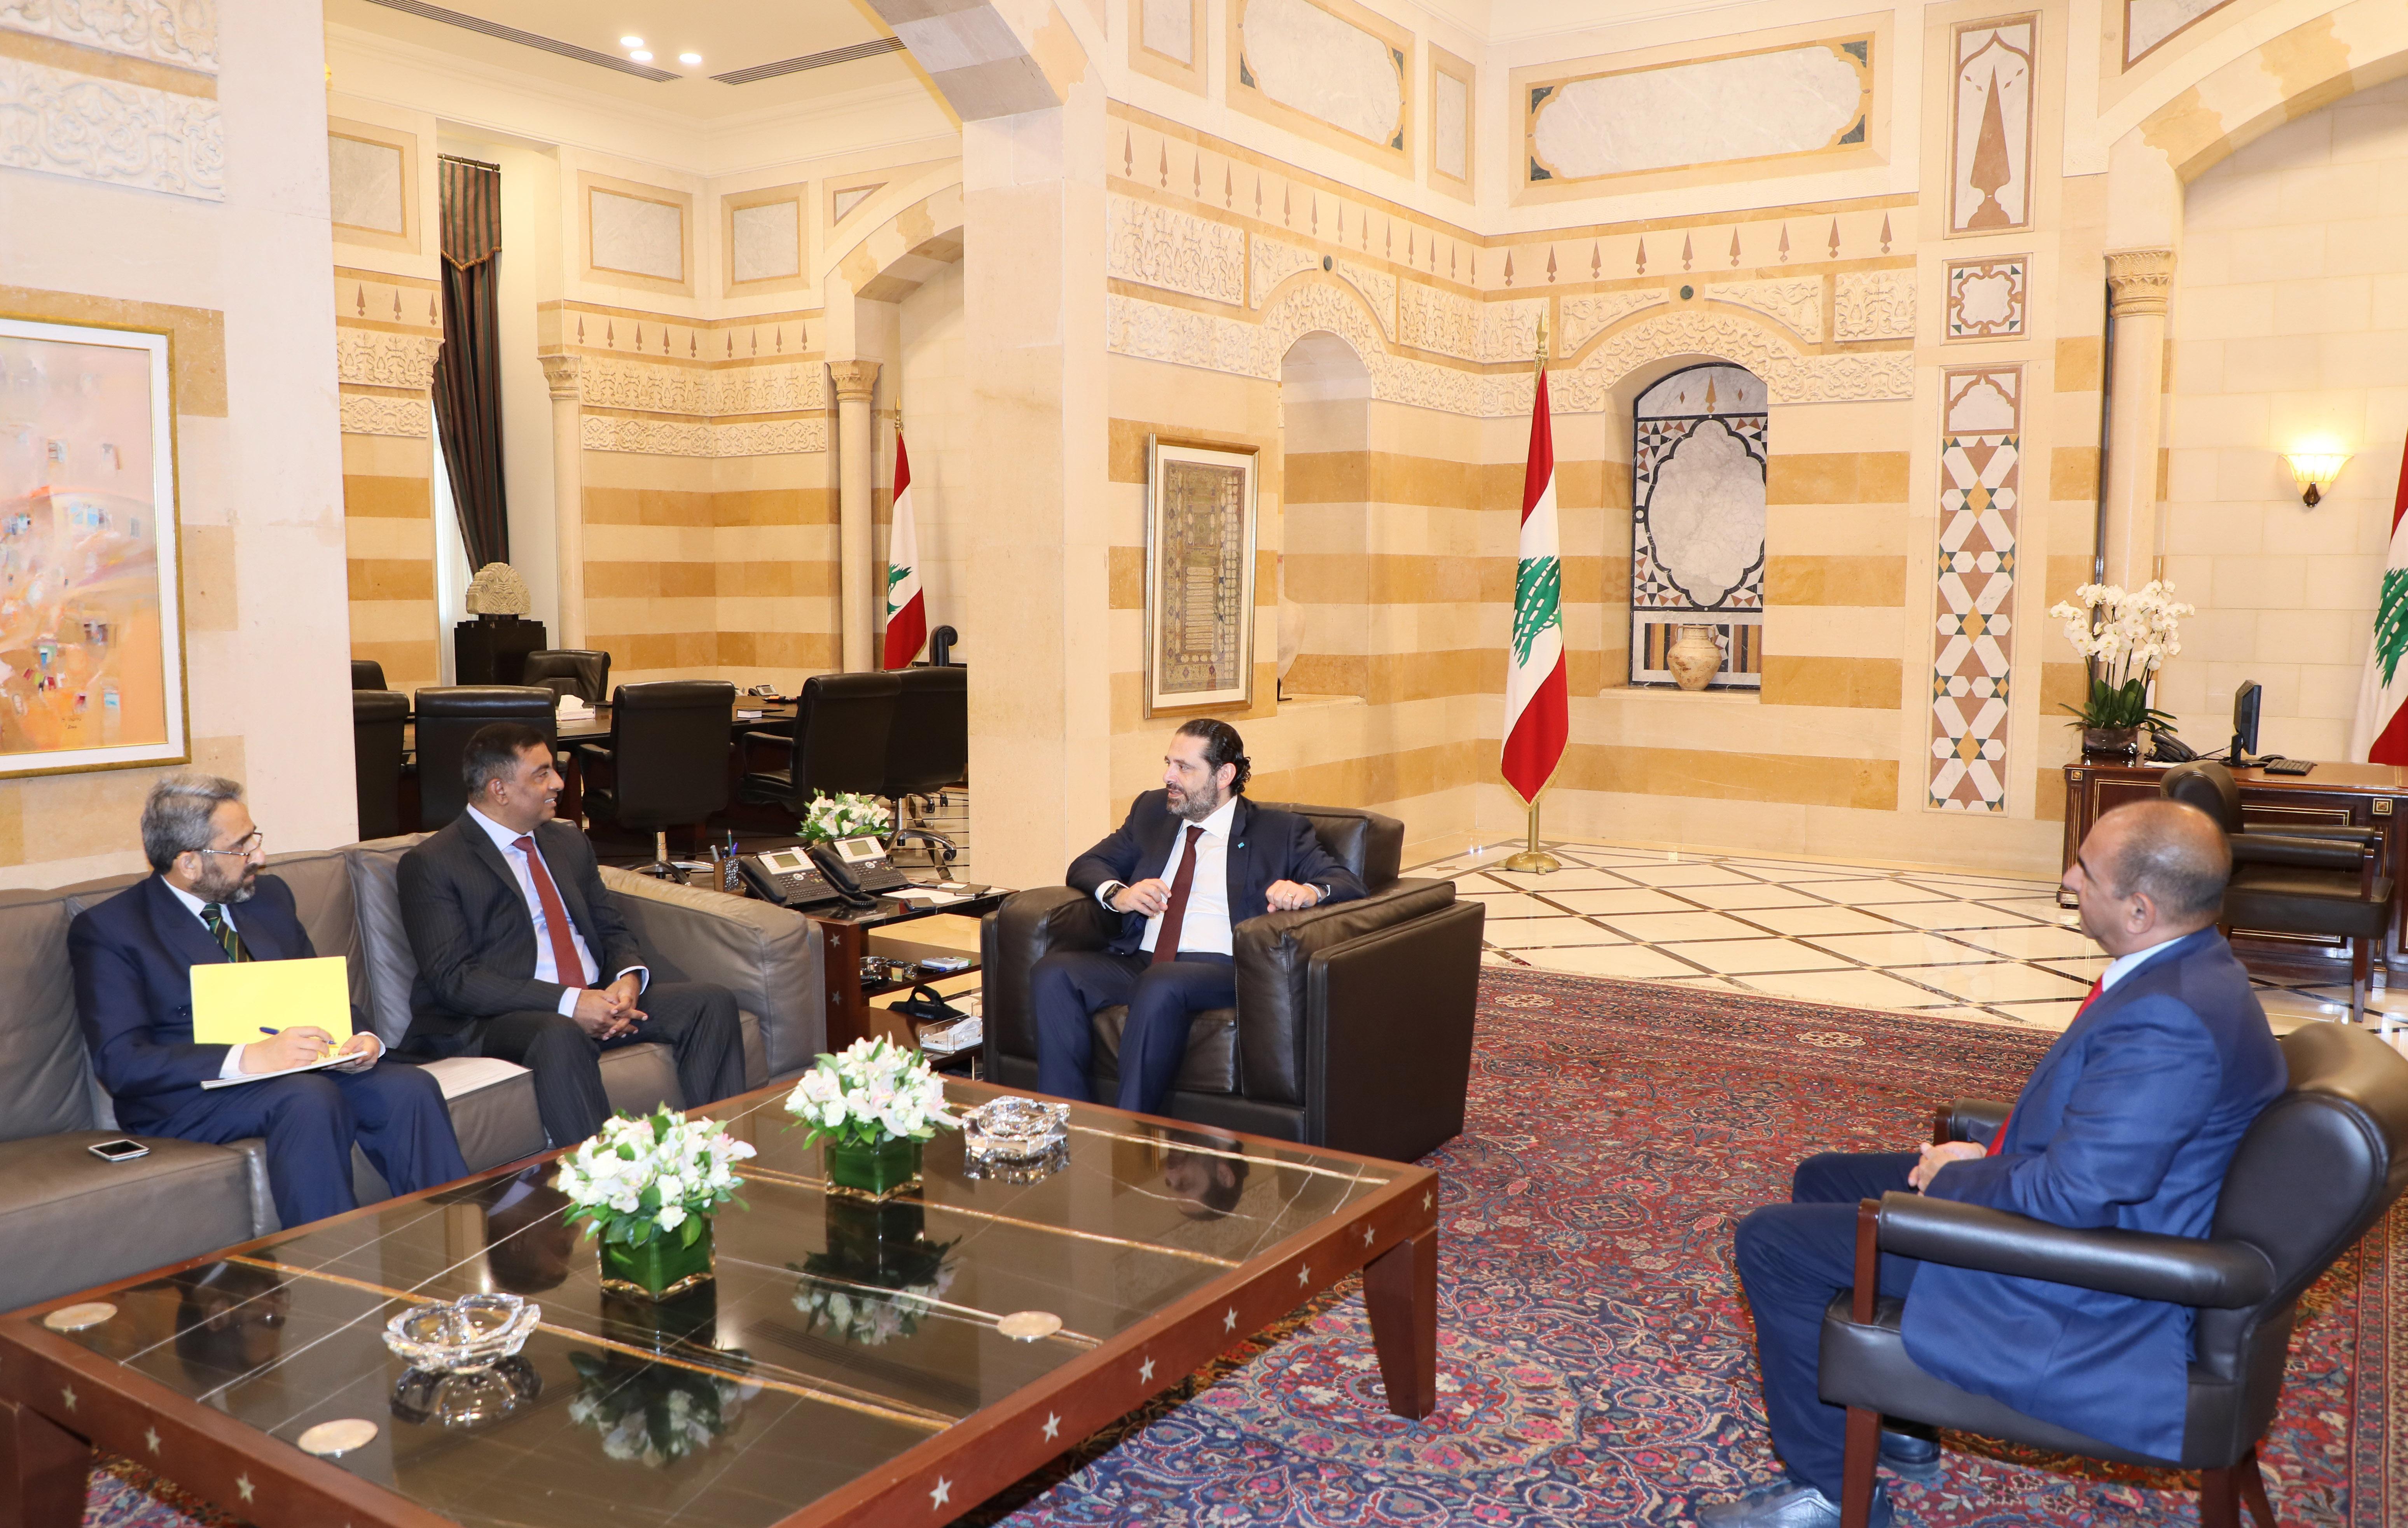 Pr Minister Saad Hariri meets Pakistan Ambassador